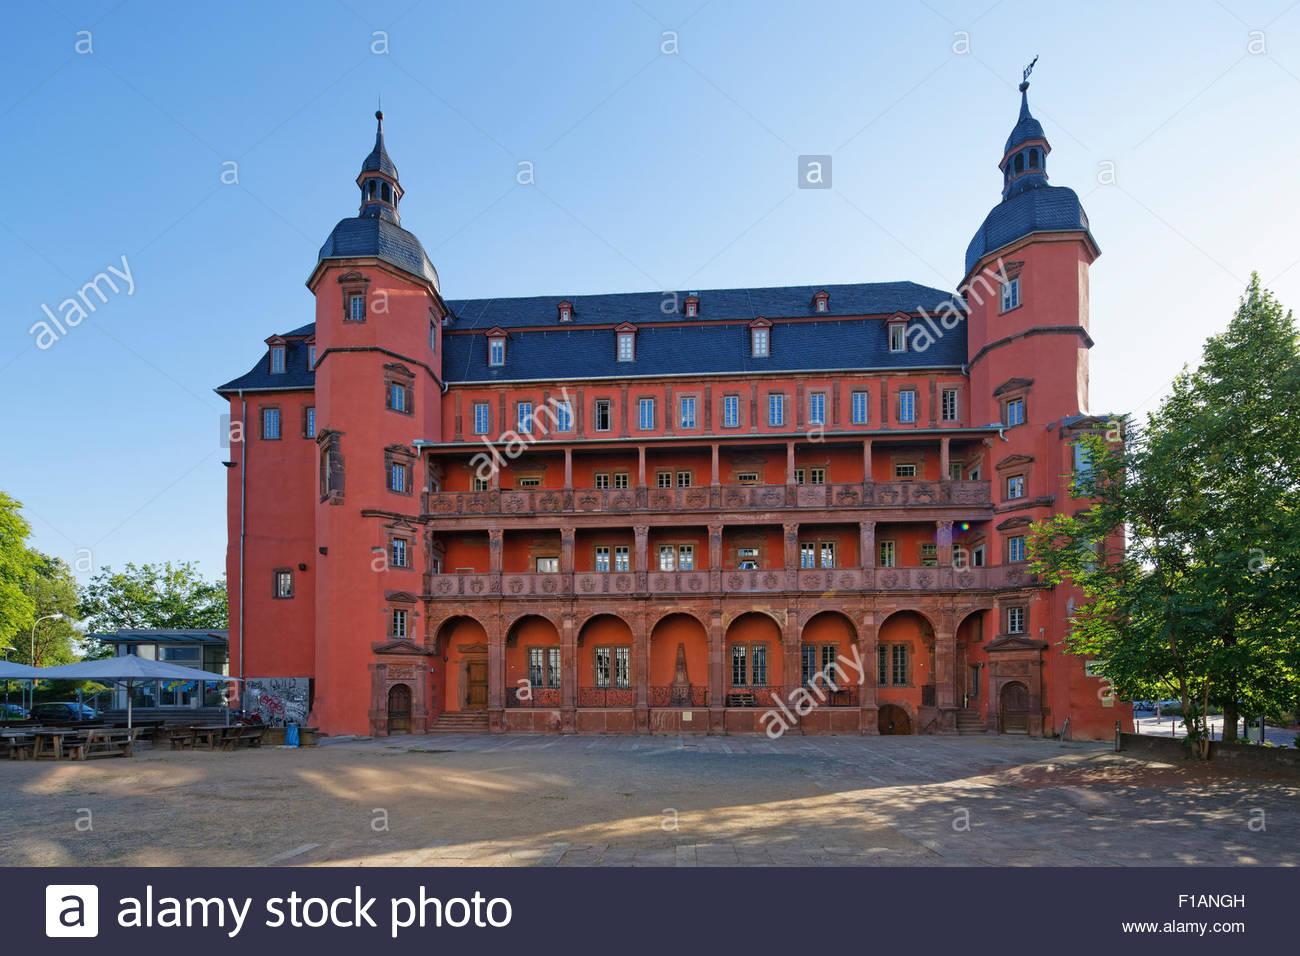 Offenbach am main stockfotos offenbach am main bilder for Werbeagentur offenbach am main